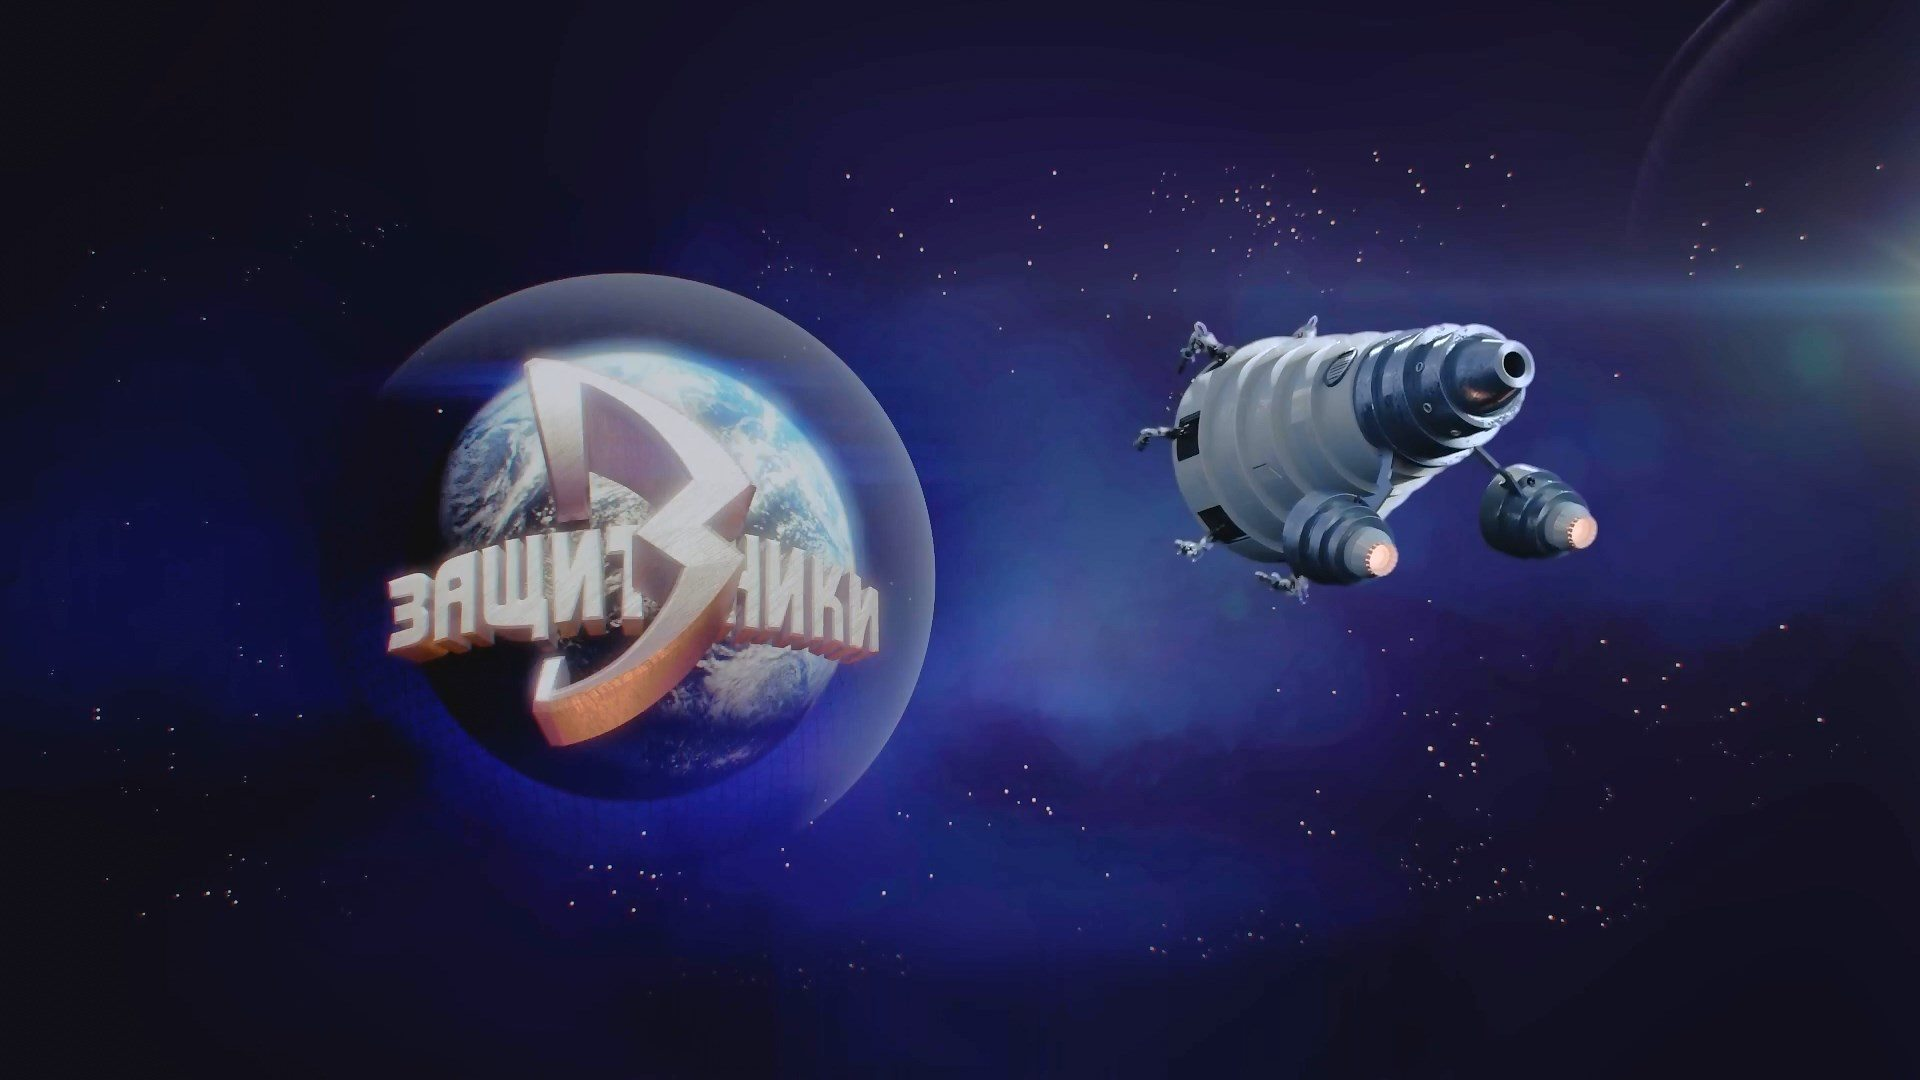 Защитники / The Defenders (1 сезон, 1 серия) смотреть